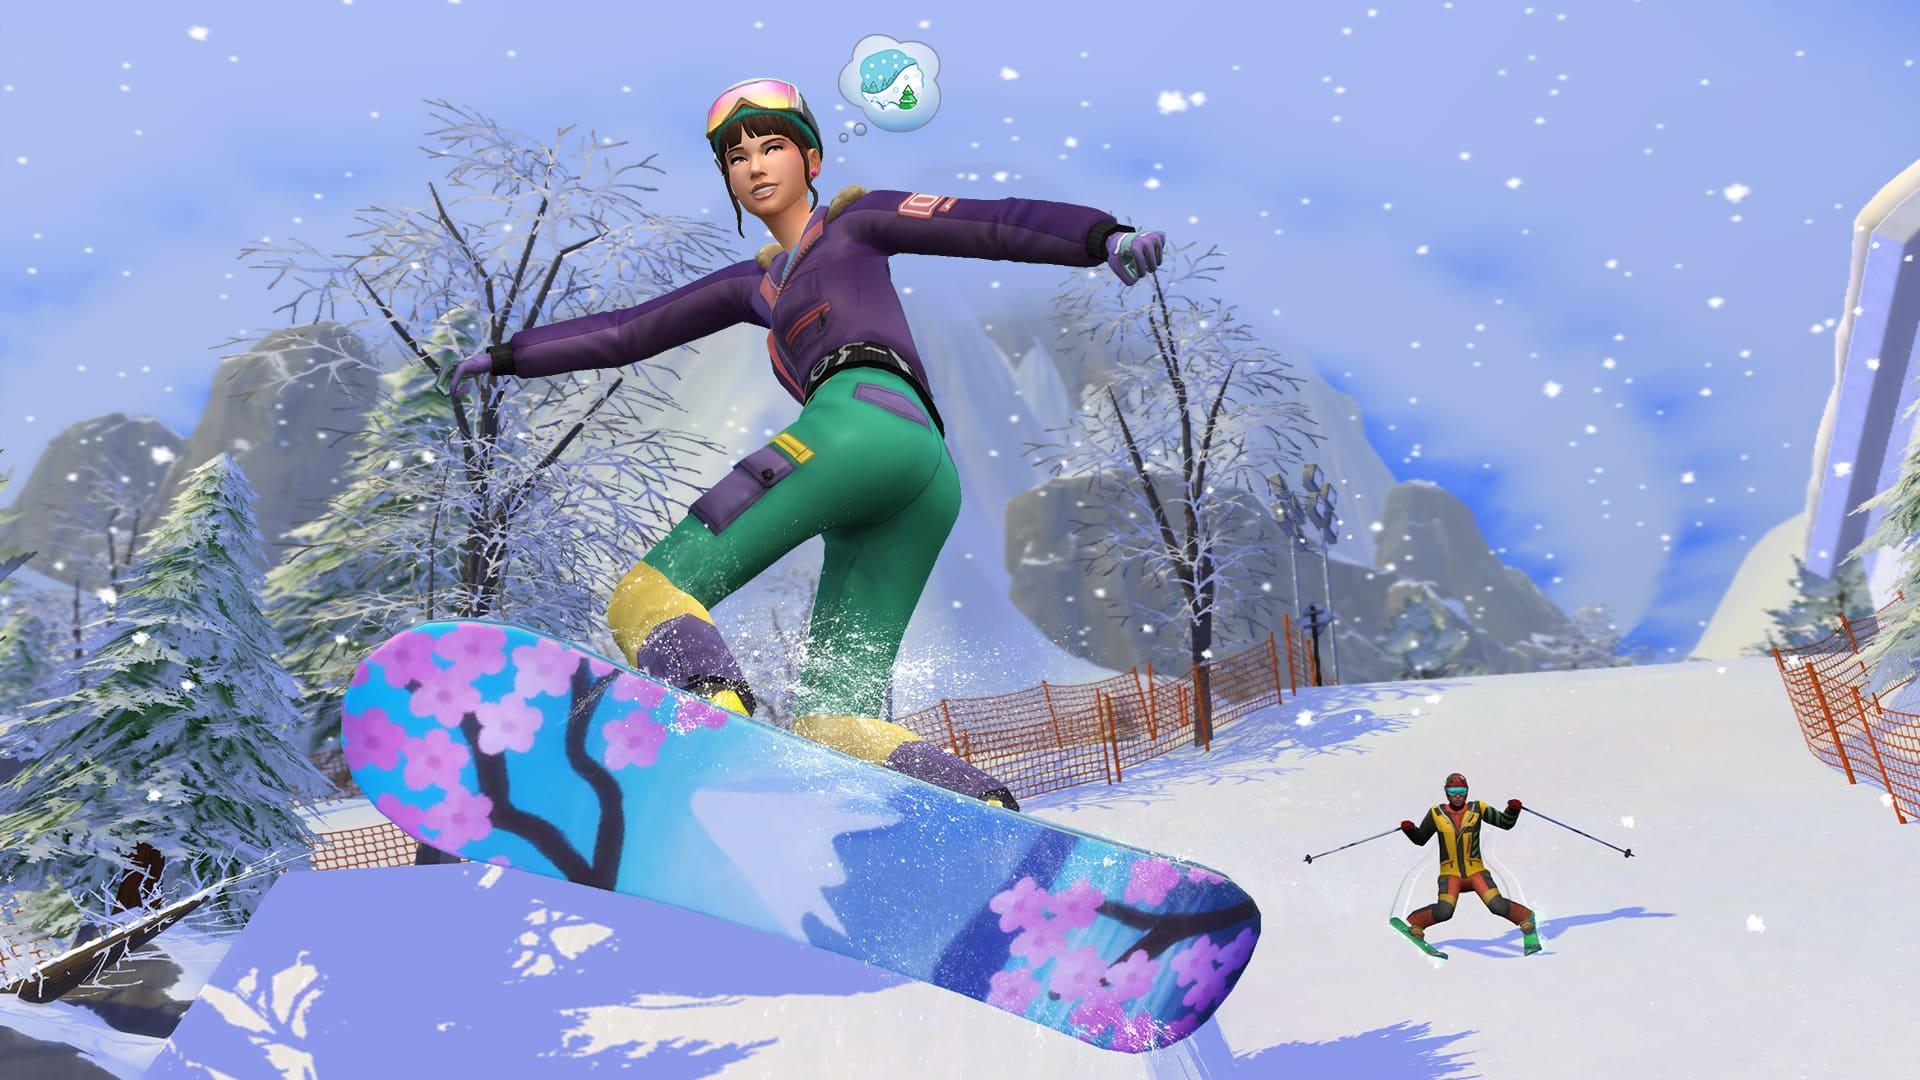 The Sims 4 Oasi Innevata - Immagini, caratteristiche & data d'uscita